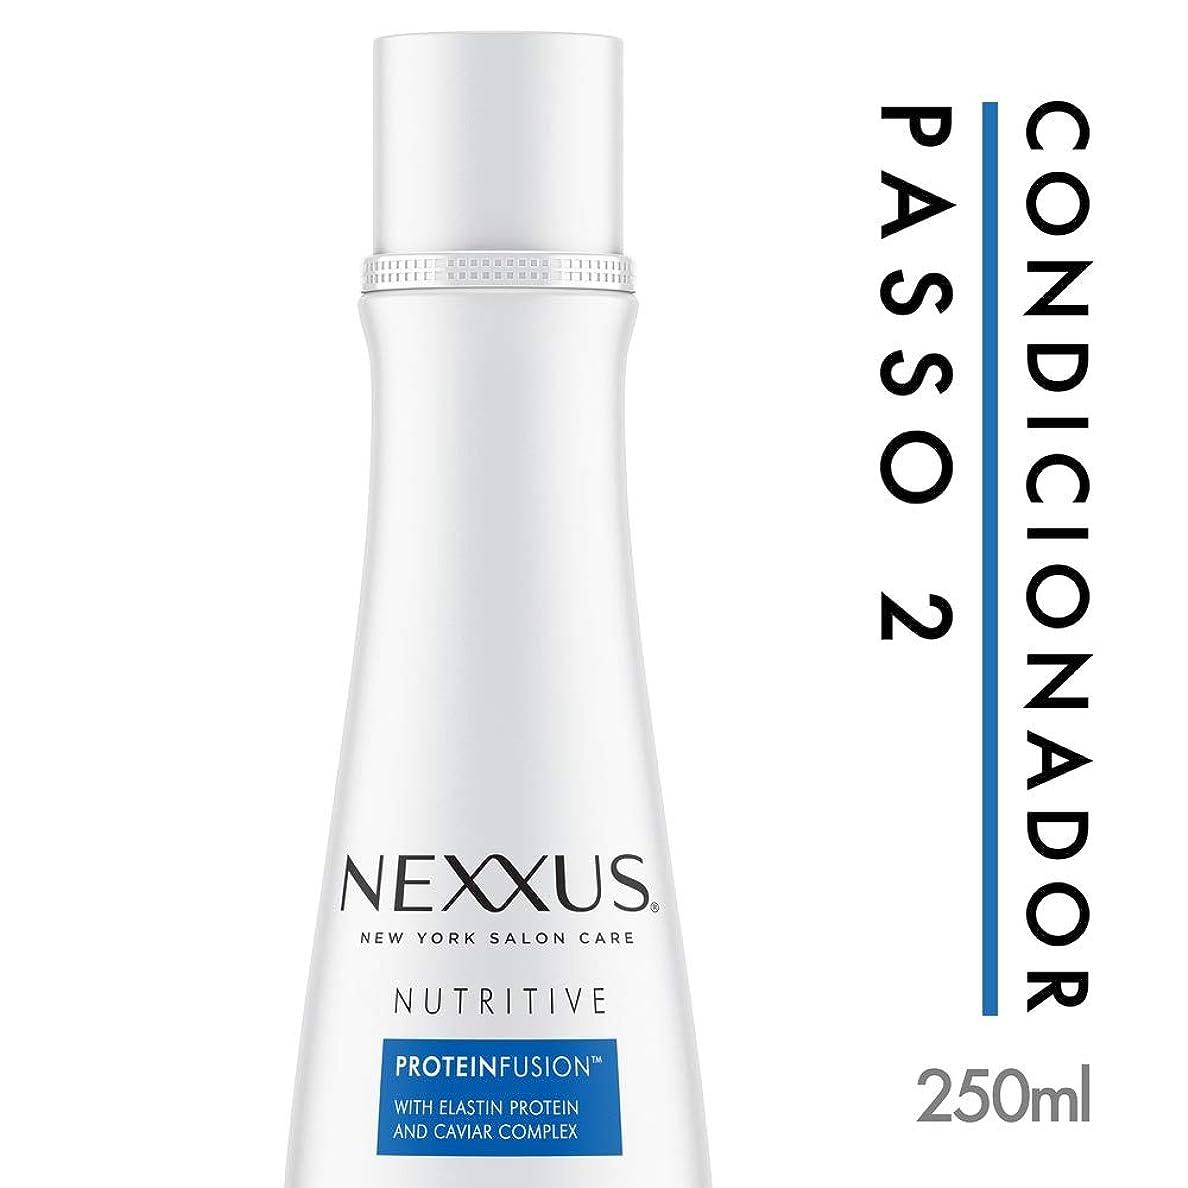 マルクス主義スワップ新聞ドライヘア用Nexxus栄養コンディショナー、250 ml